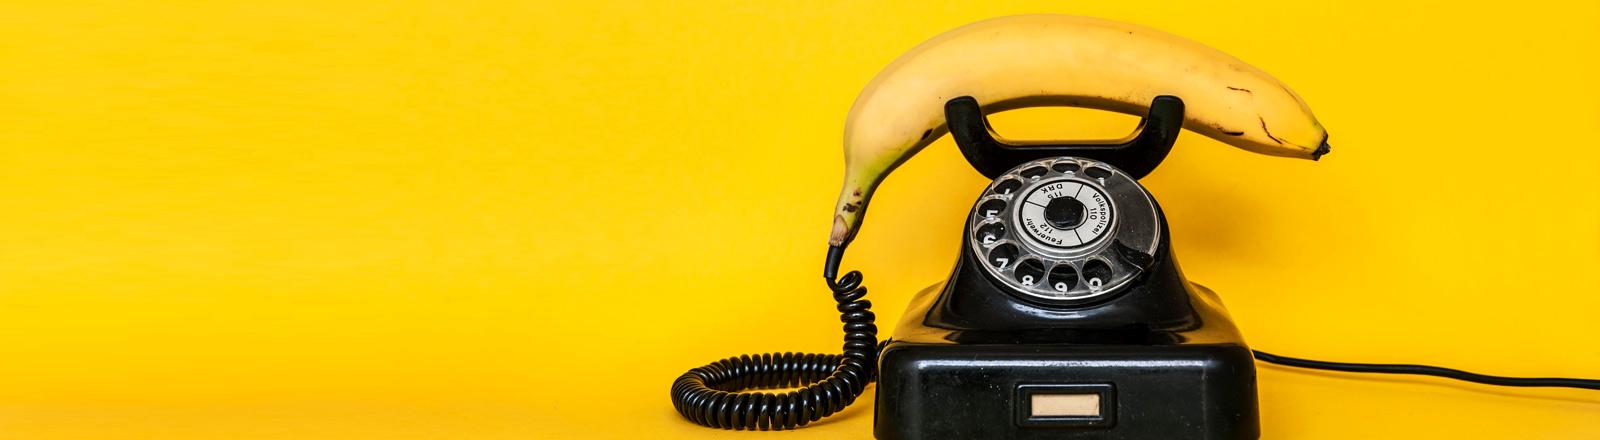 Eine Gorillahand greift zum Bananen-Telefonhörer